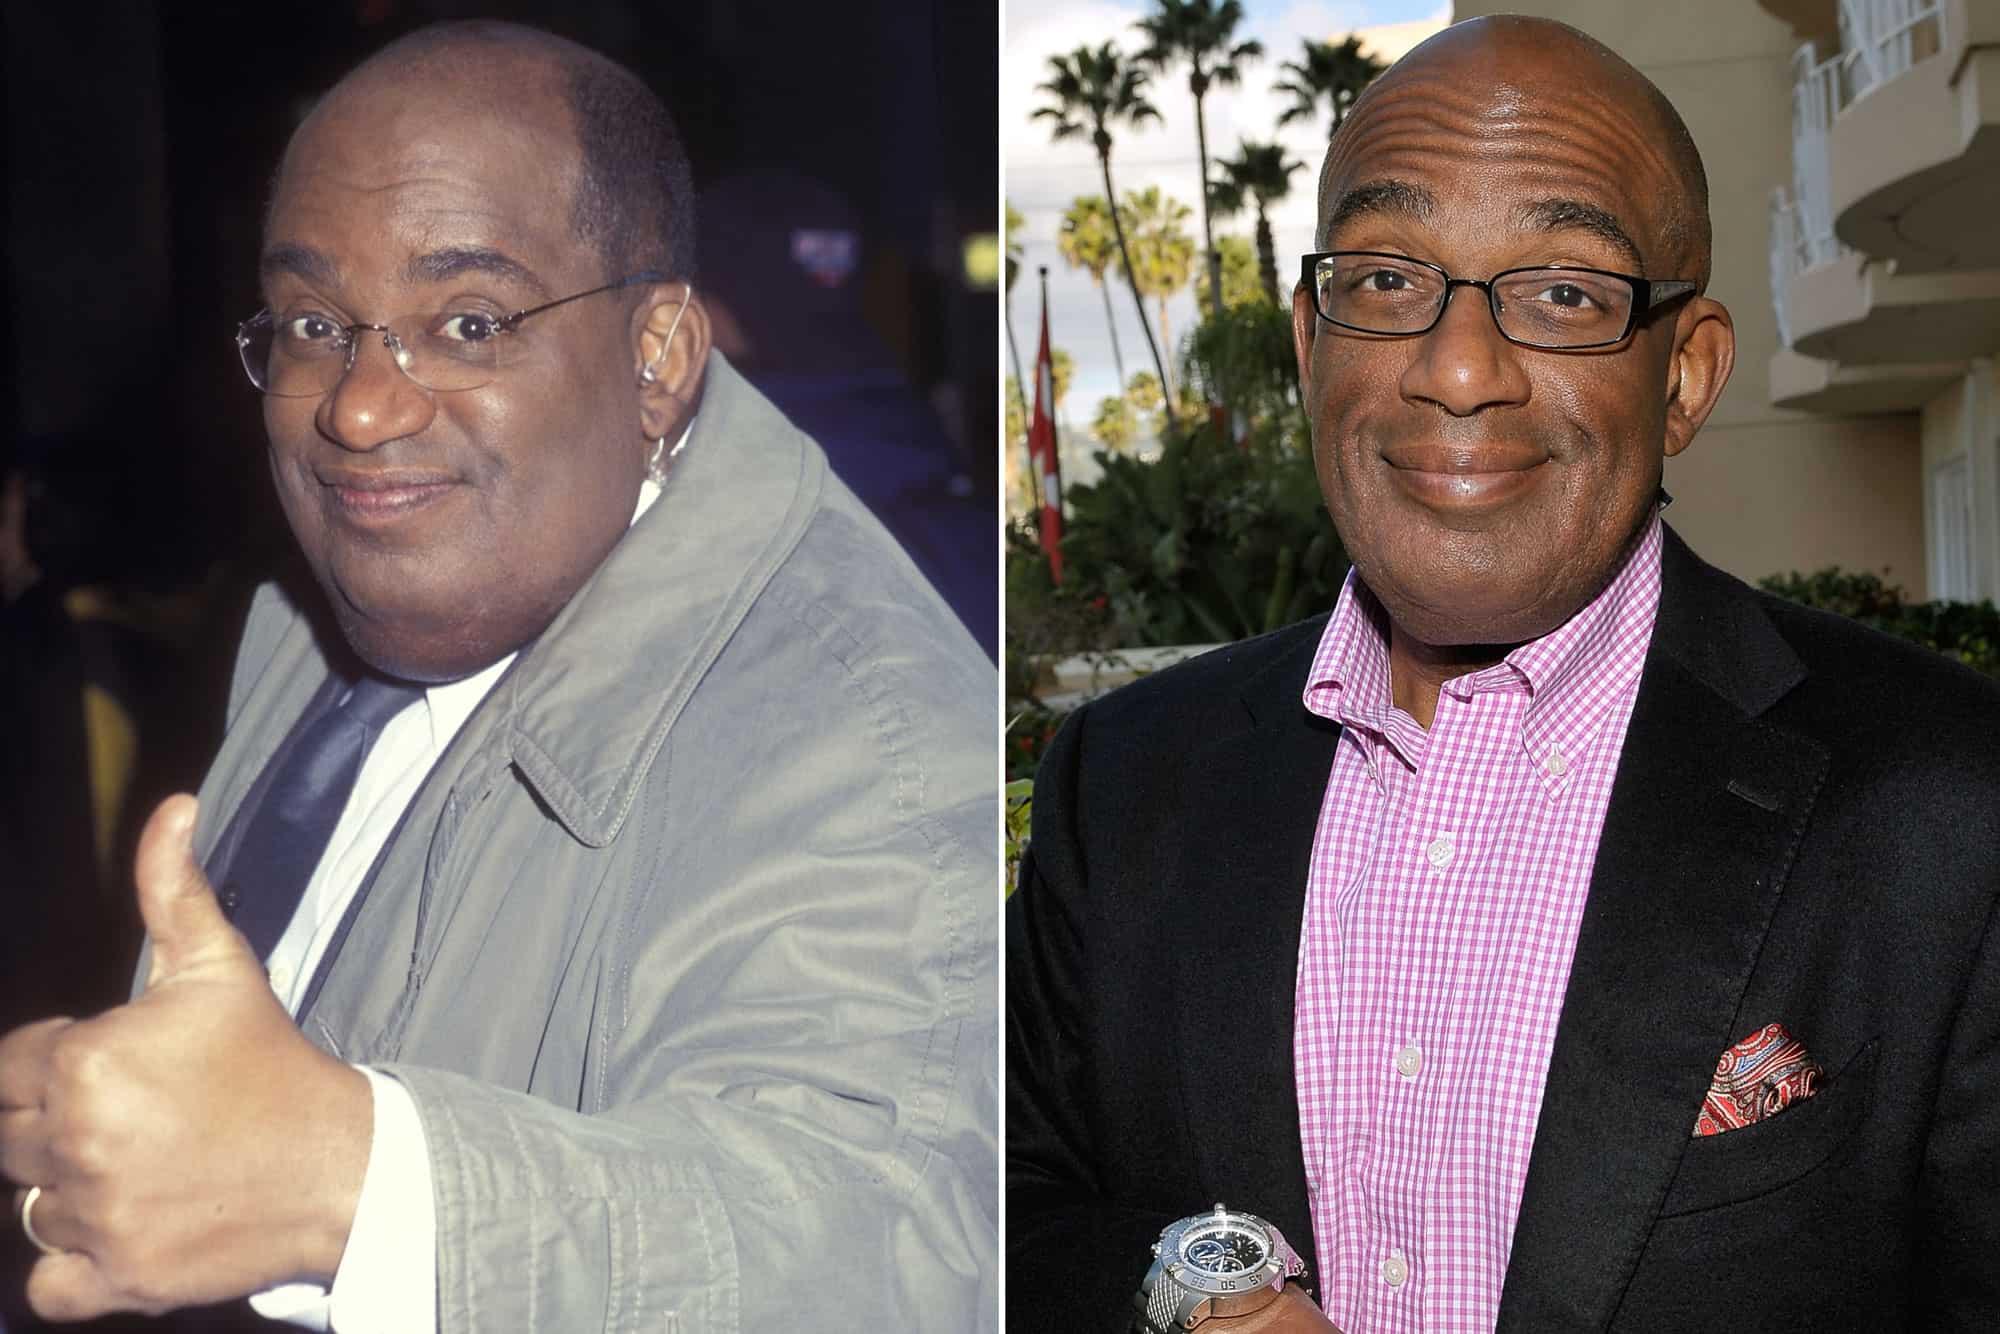 ال-روكر-وخسارة-الوزن